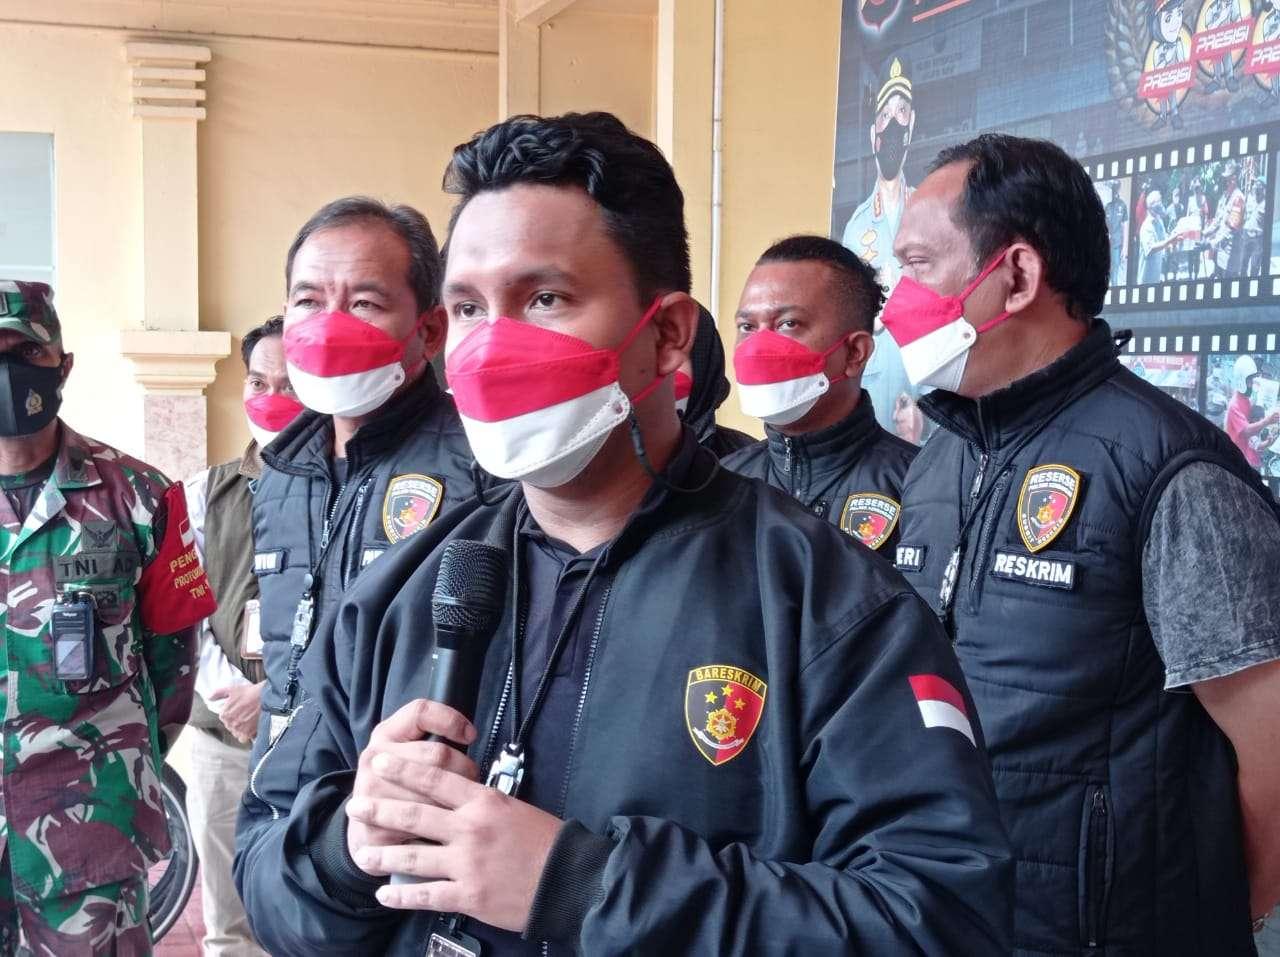 Petugas kepolisian dari Polsek Kembangan Jakarta Barat menangkap sekitar 8 remaja yang terlibat aksi tawuran Jalan Kembangan Utara